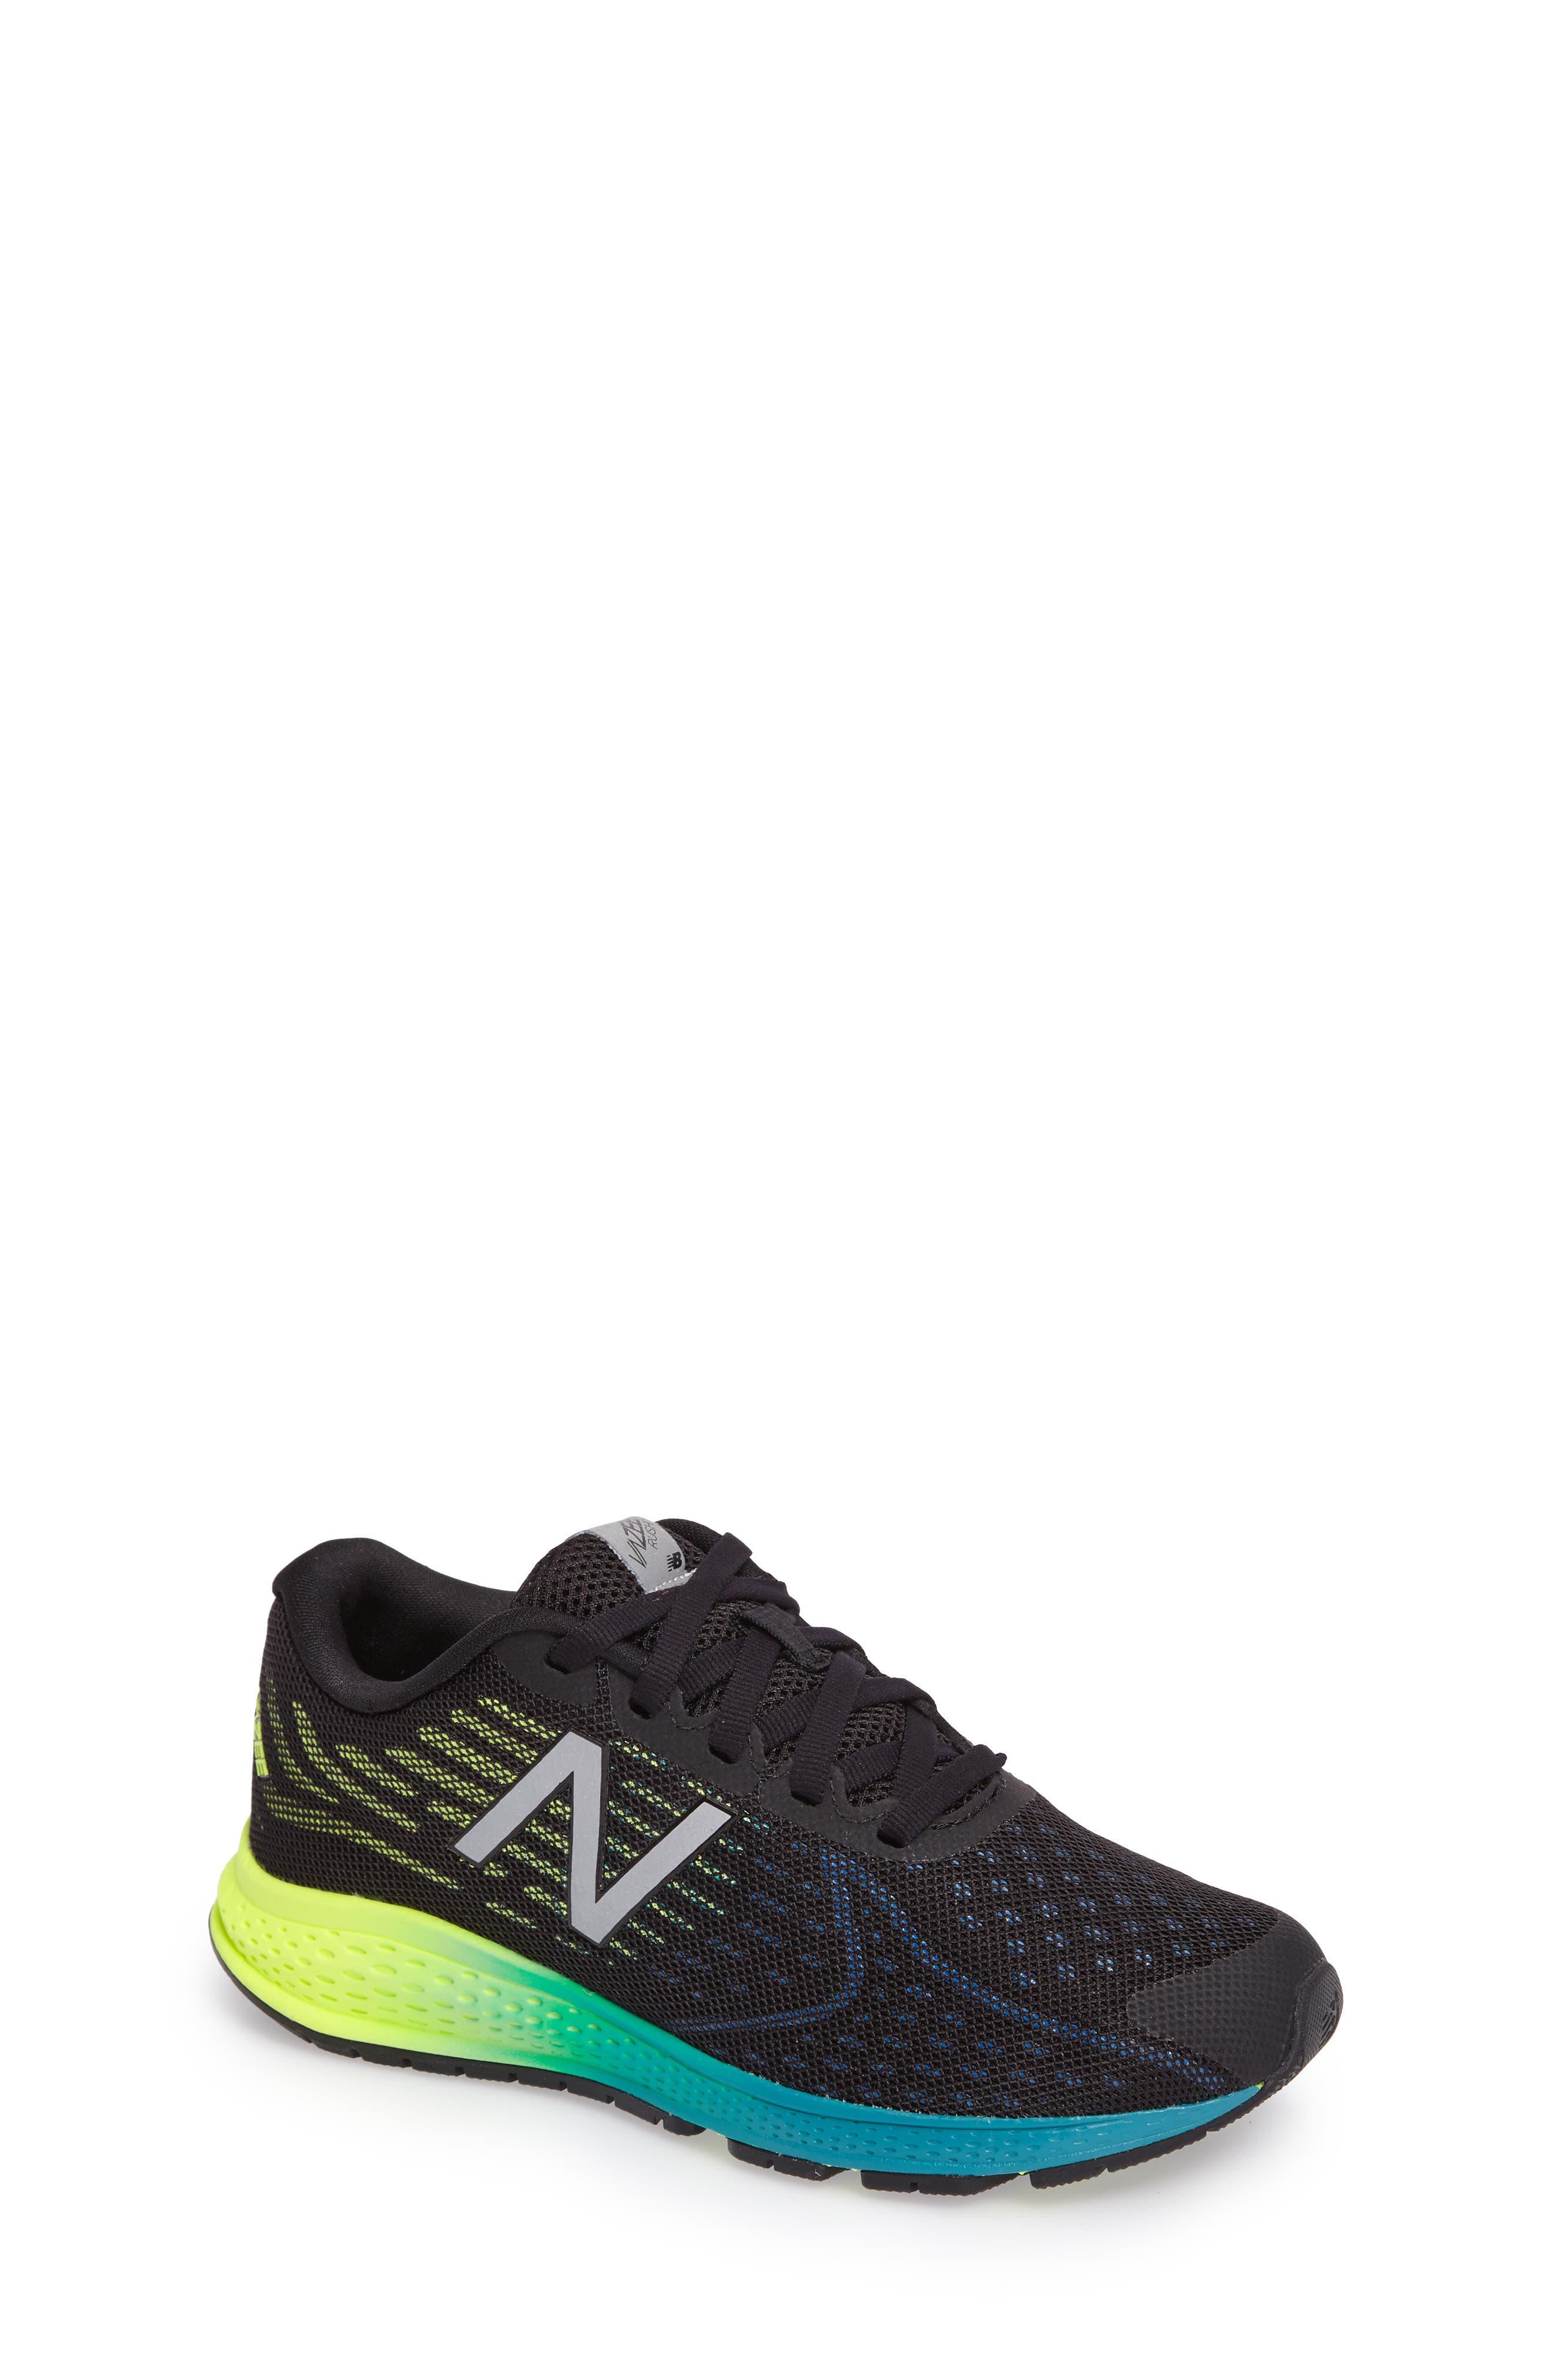 NEW BALANCE Vazee Rush 2 Sneaker